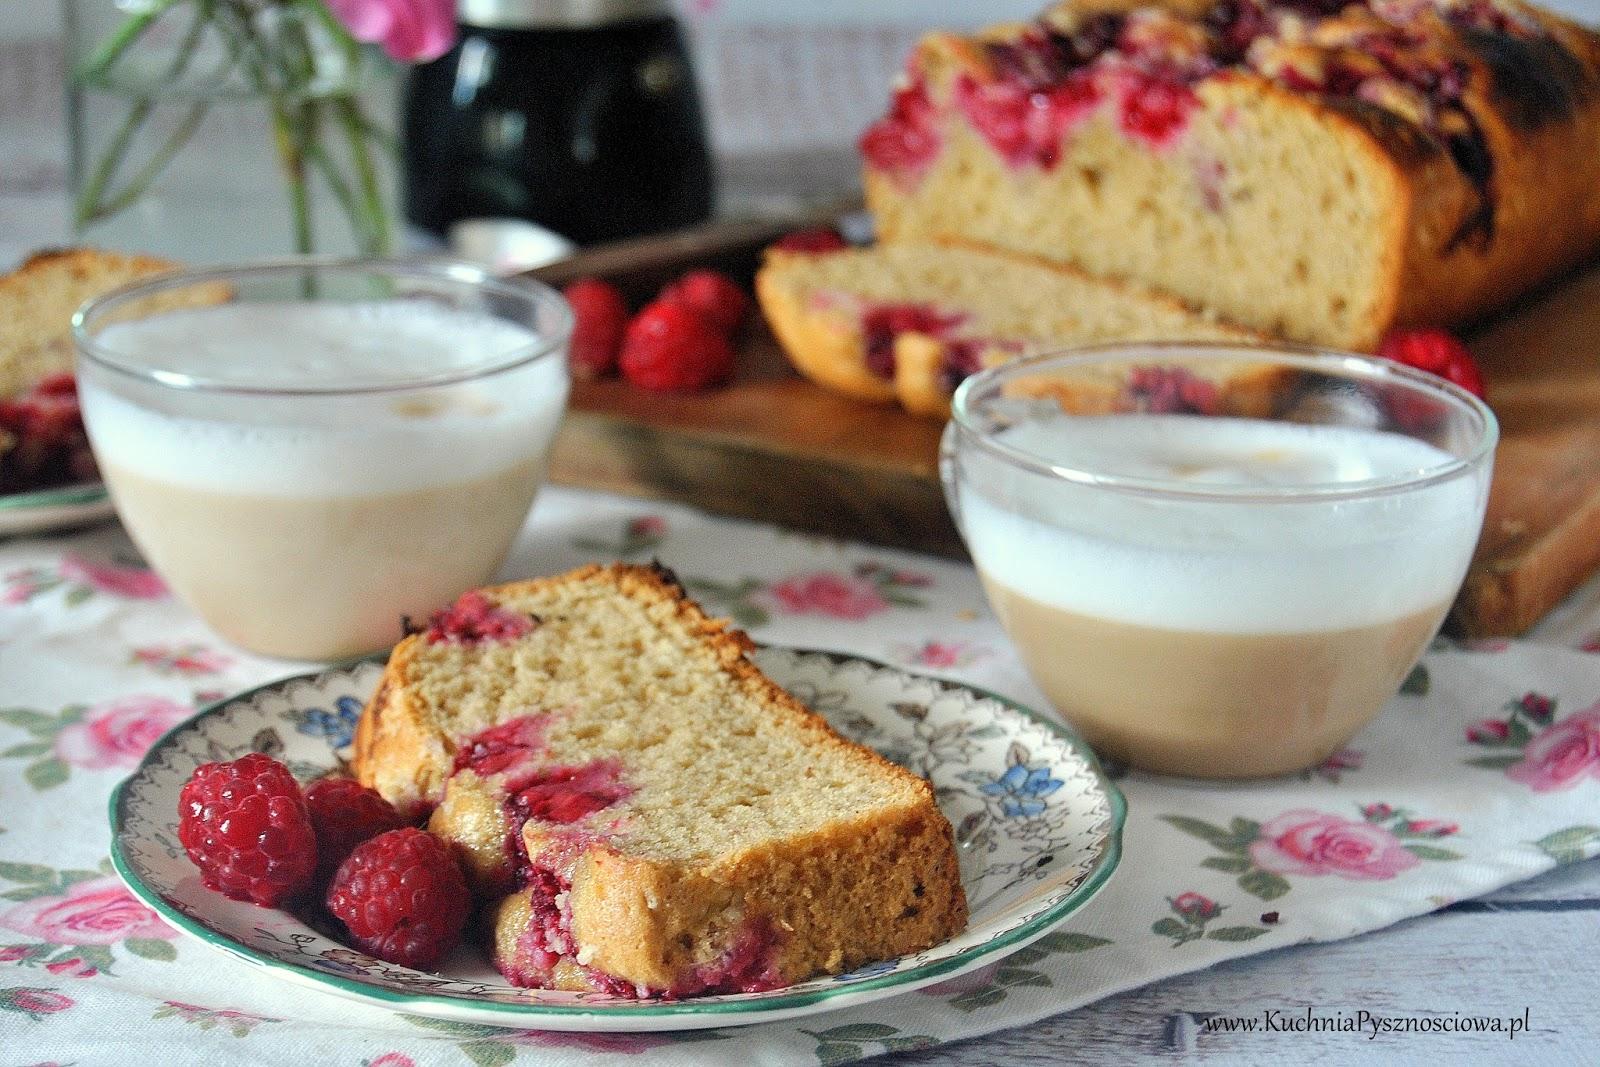 528. Ciasto z masłem orzechowym i malinami